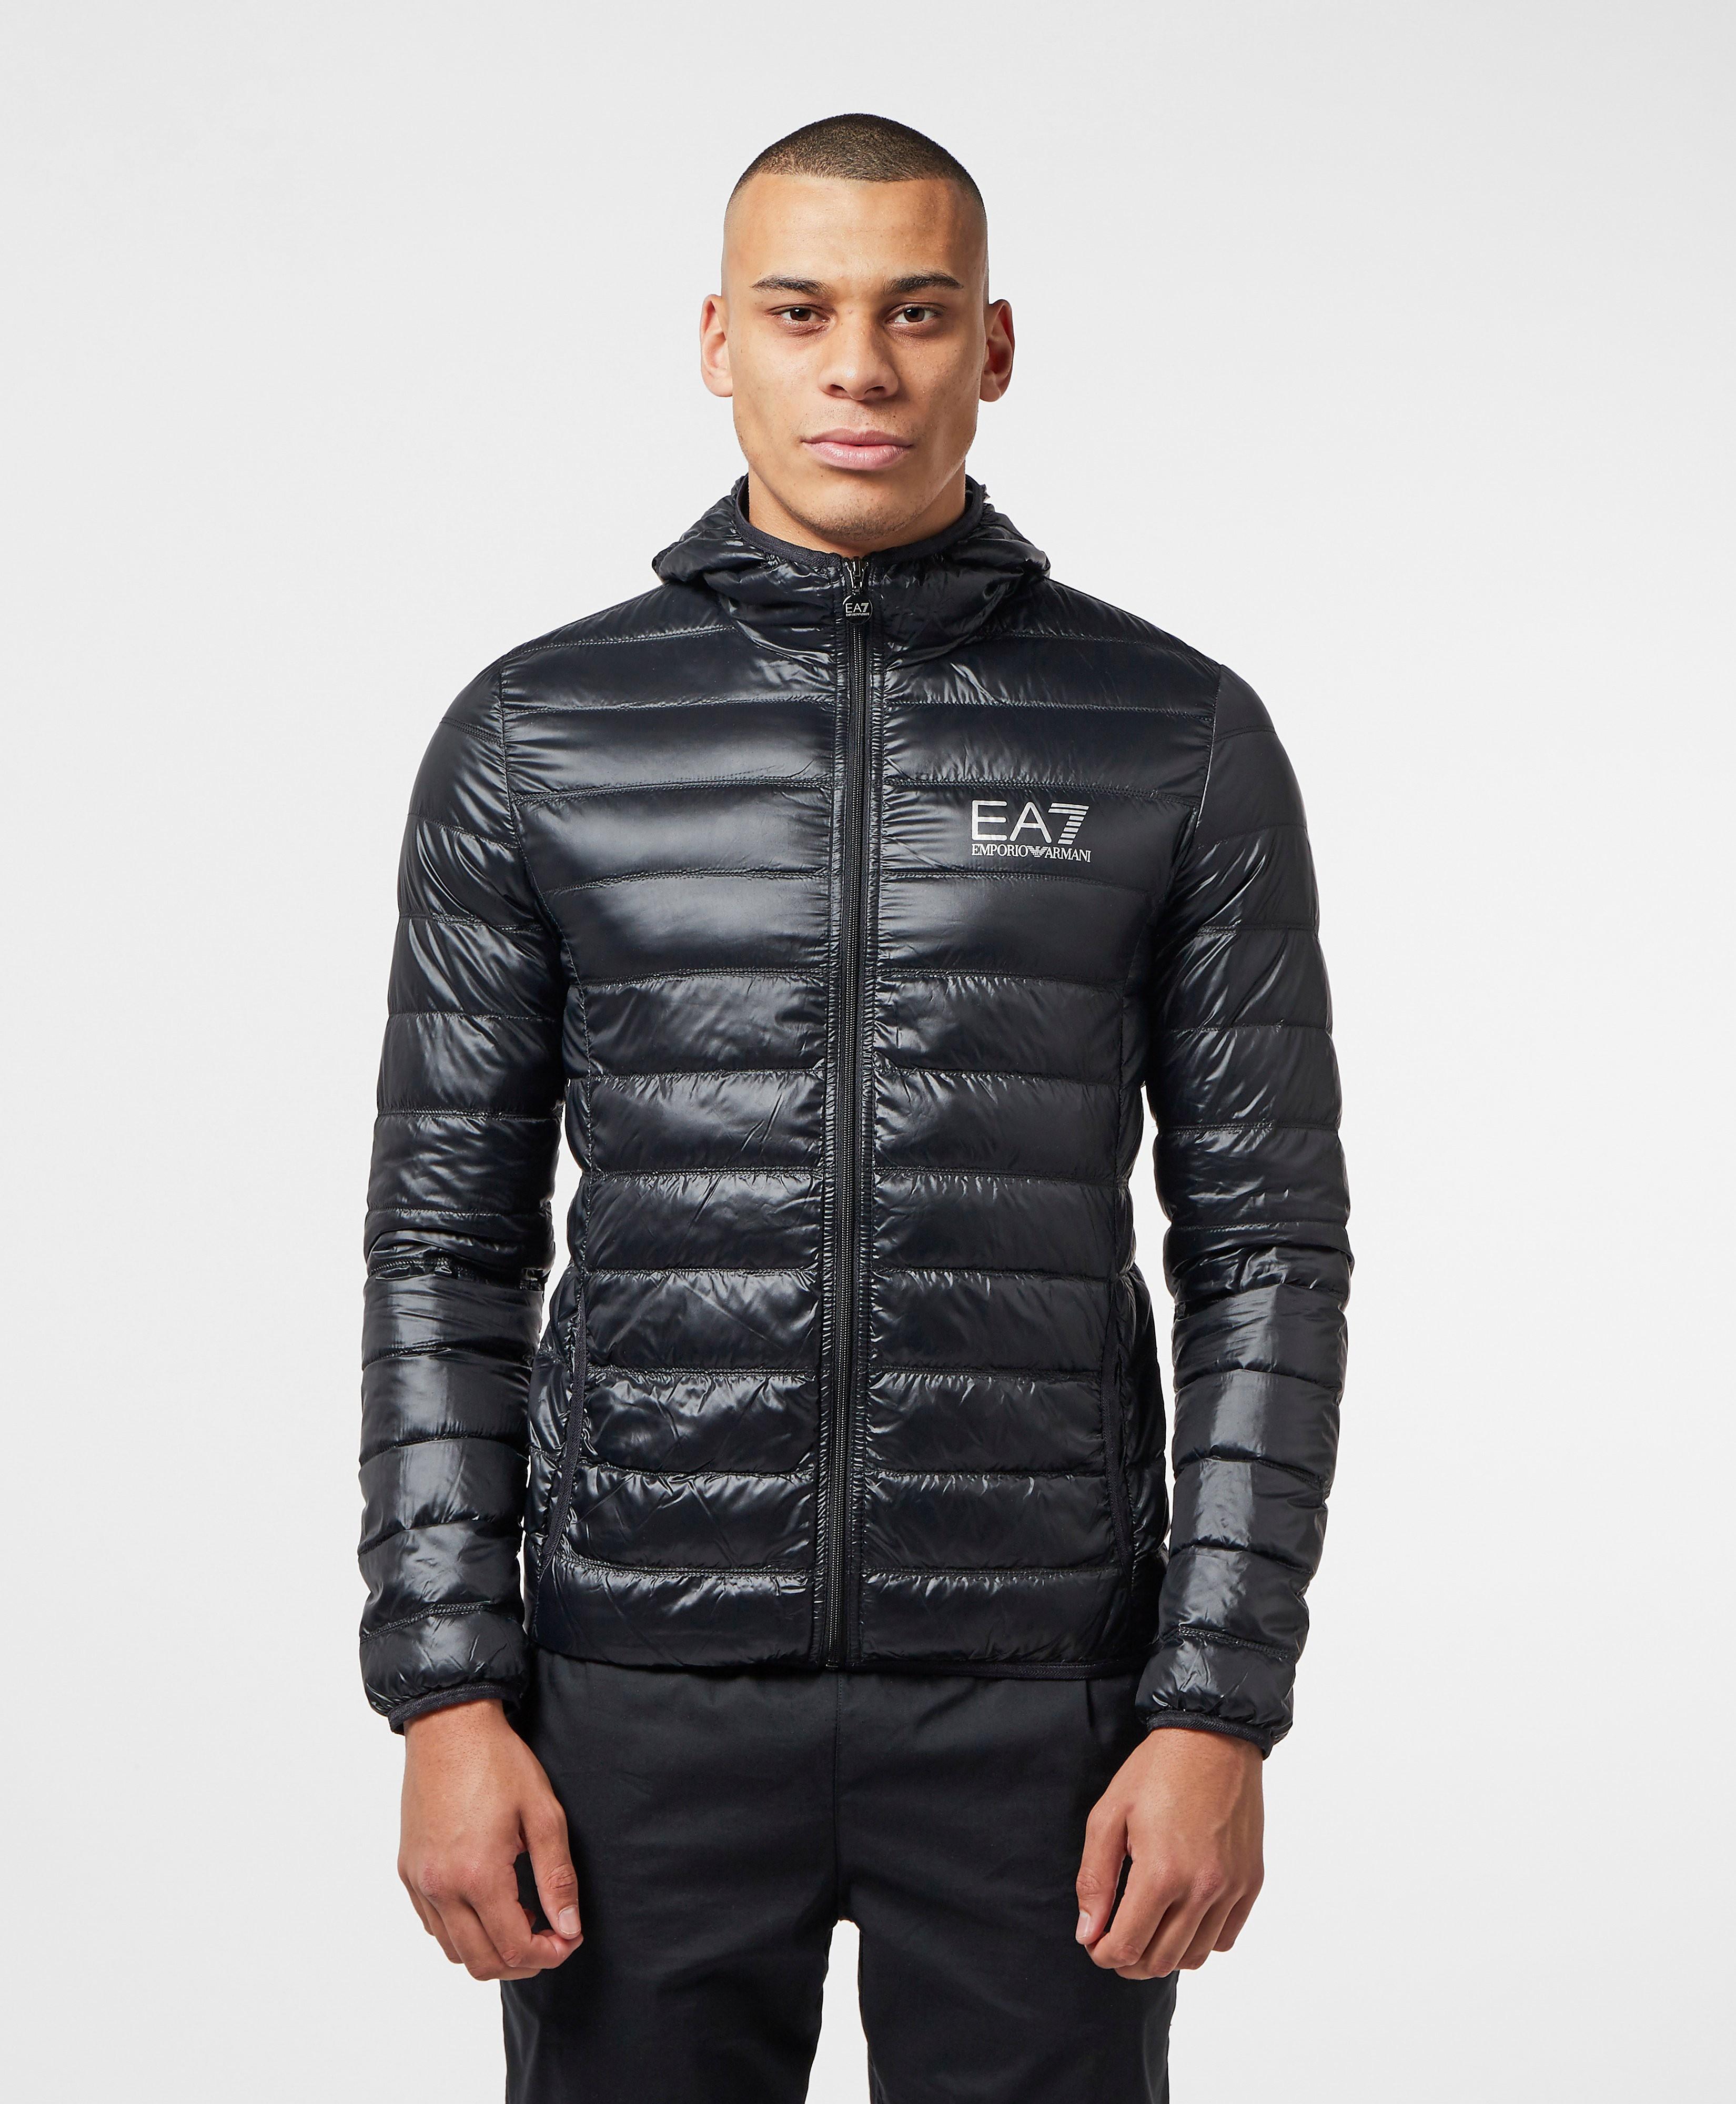 Emporio armani jacket price comparison results